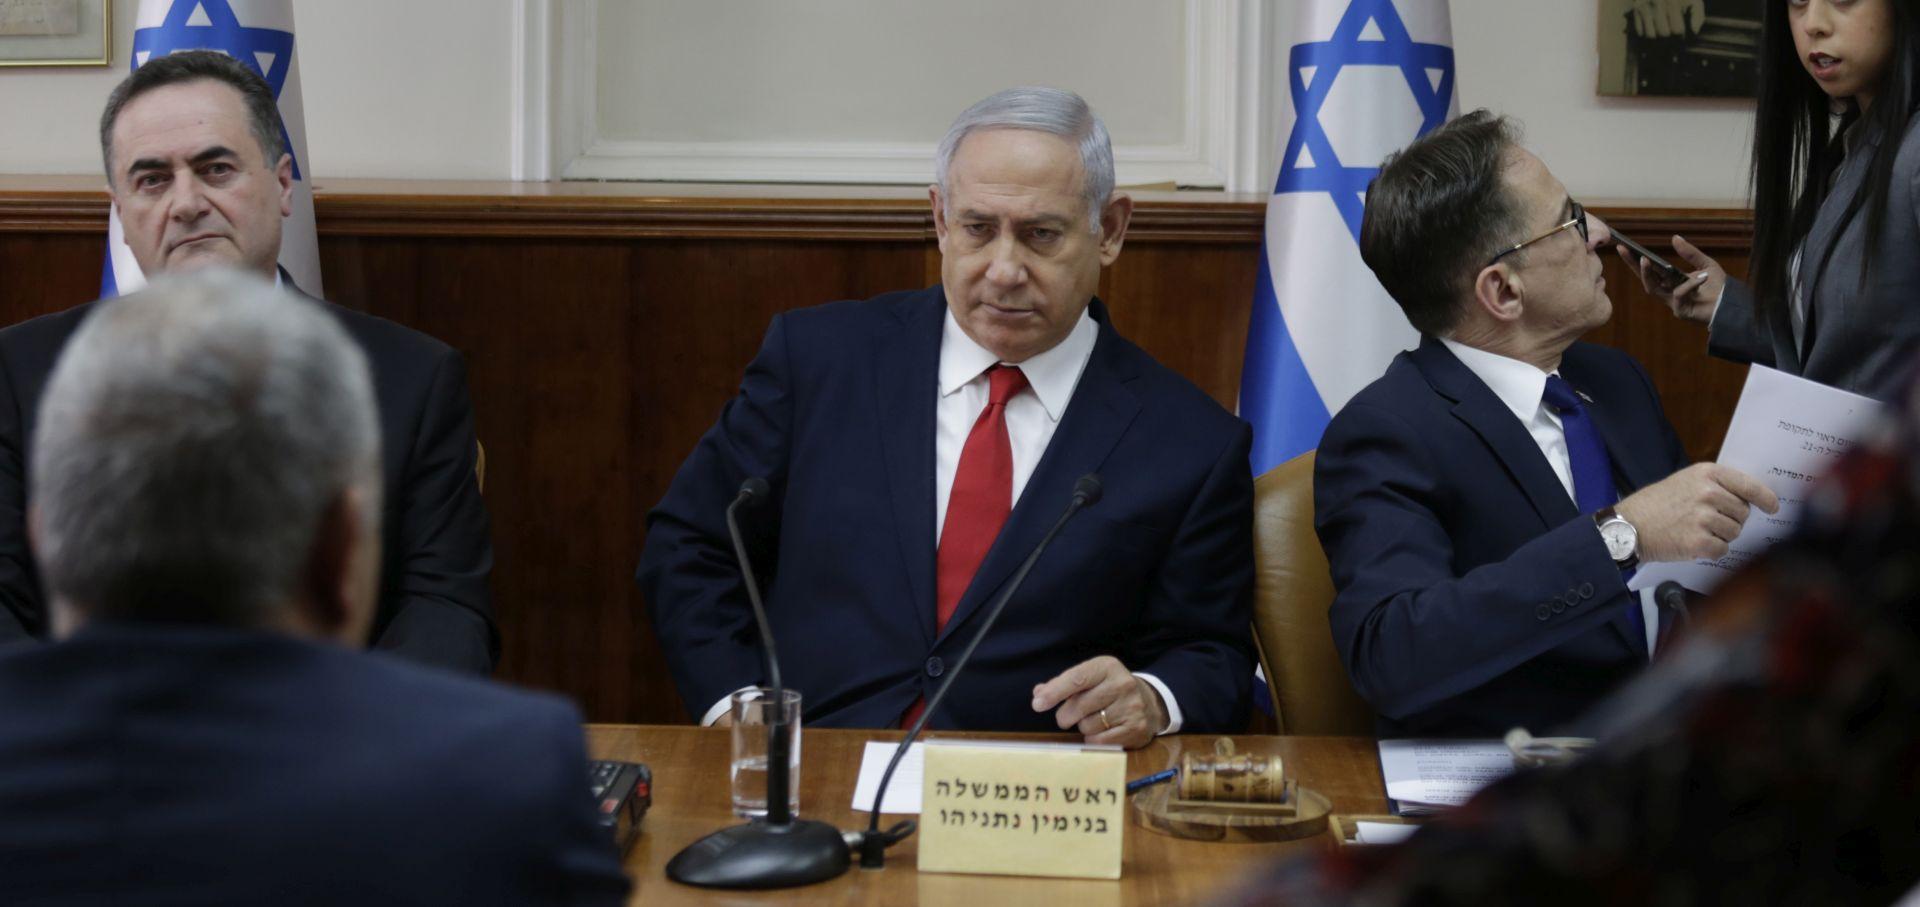 Netanyahu potiče Rumunjsku da prebaci veleposlanstvo u Jeruzalem